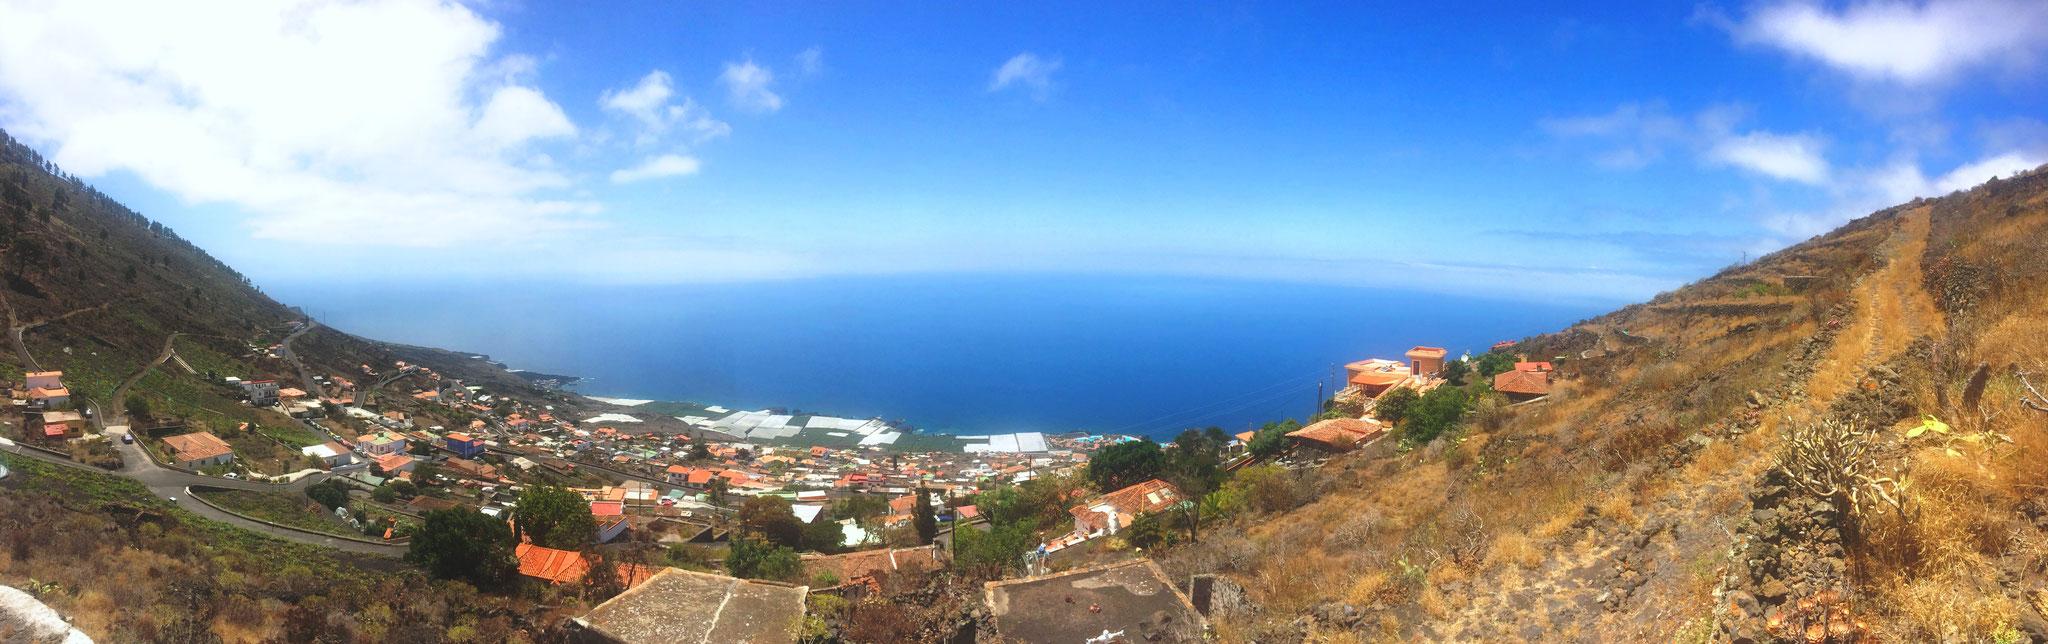 La Palma - Vistas Casa El Mirador - Las Indias